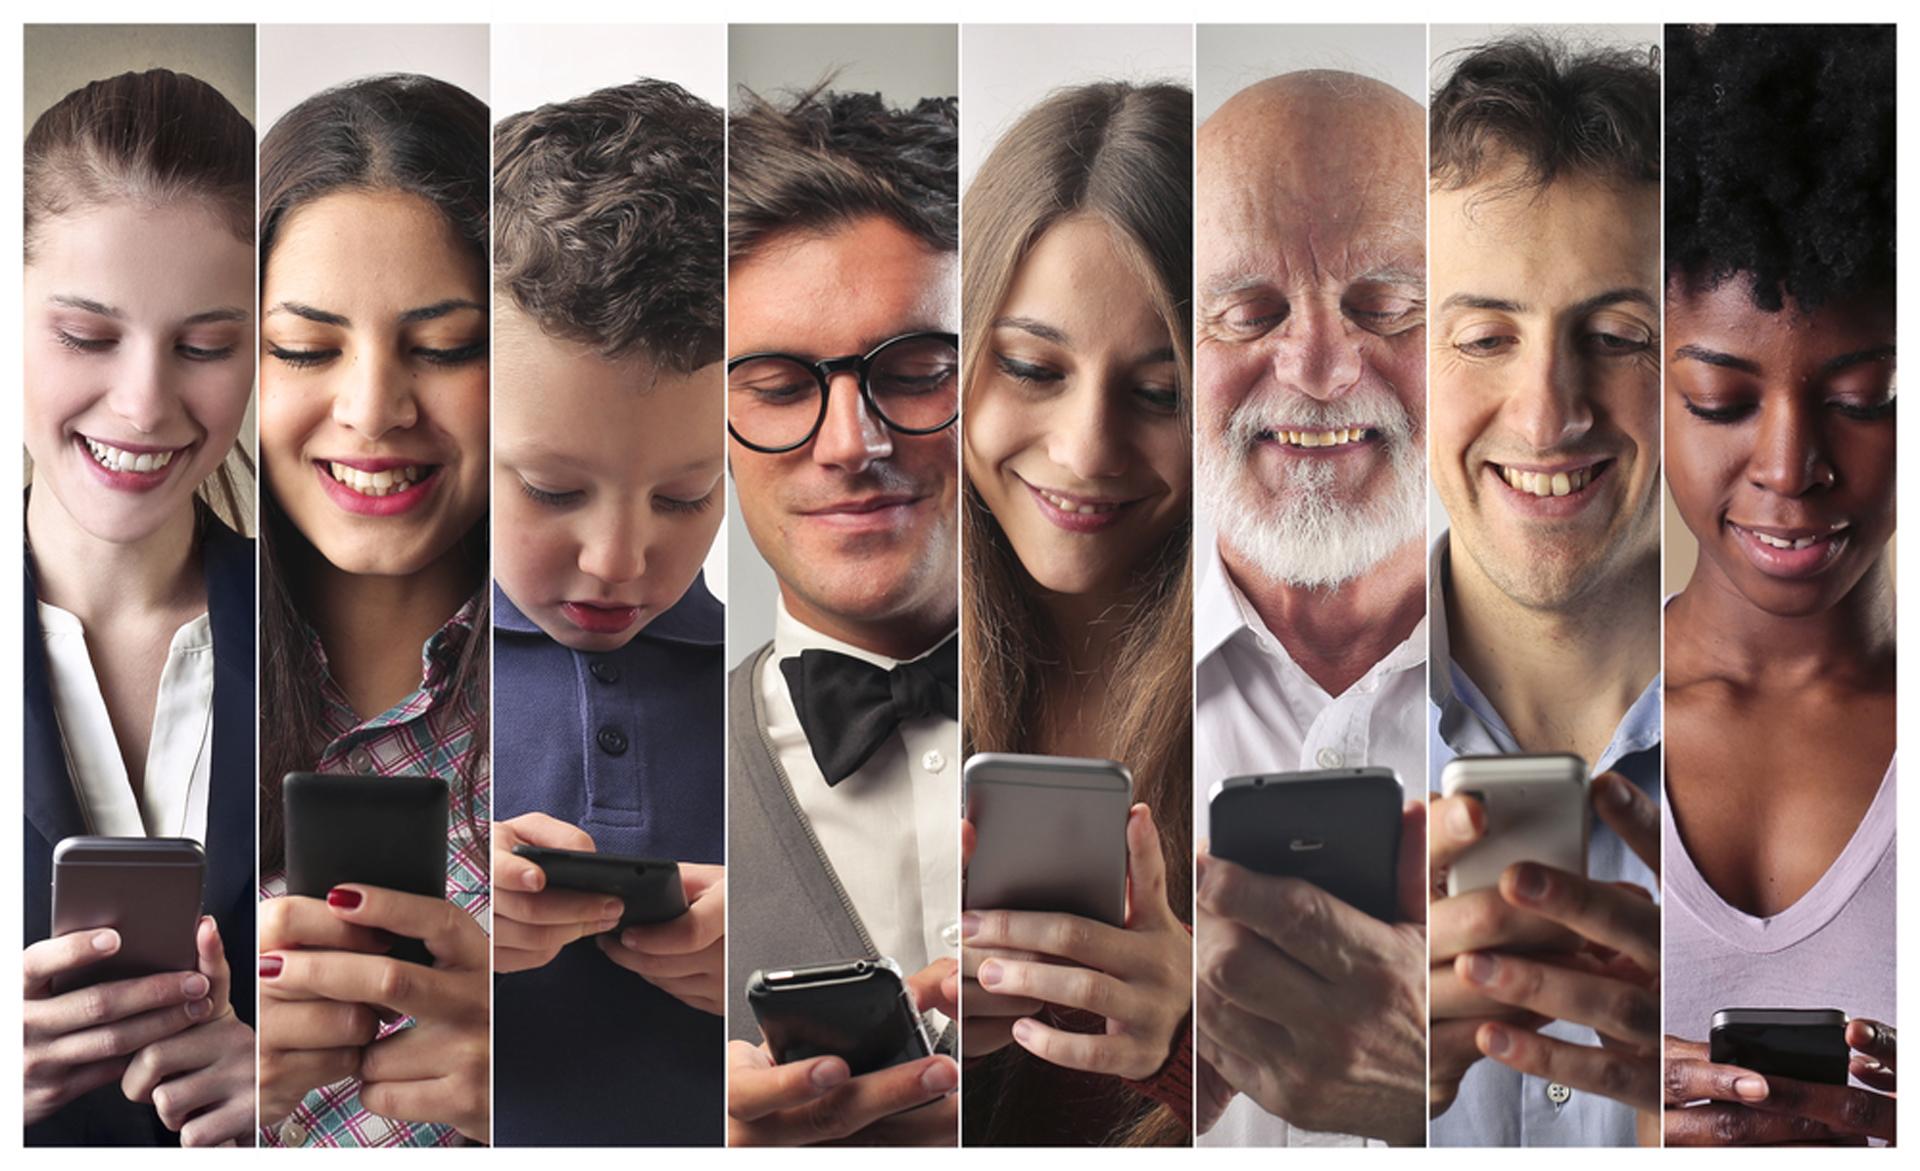 Chequear el celular de forma muy frecuente no es algo solo de los chicos (Shutterstock)